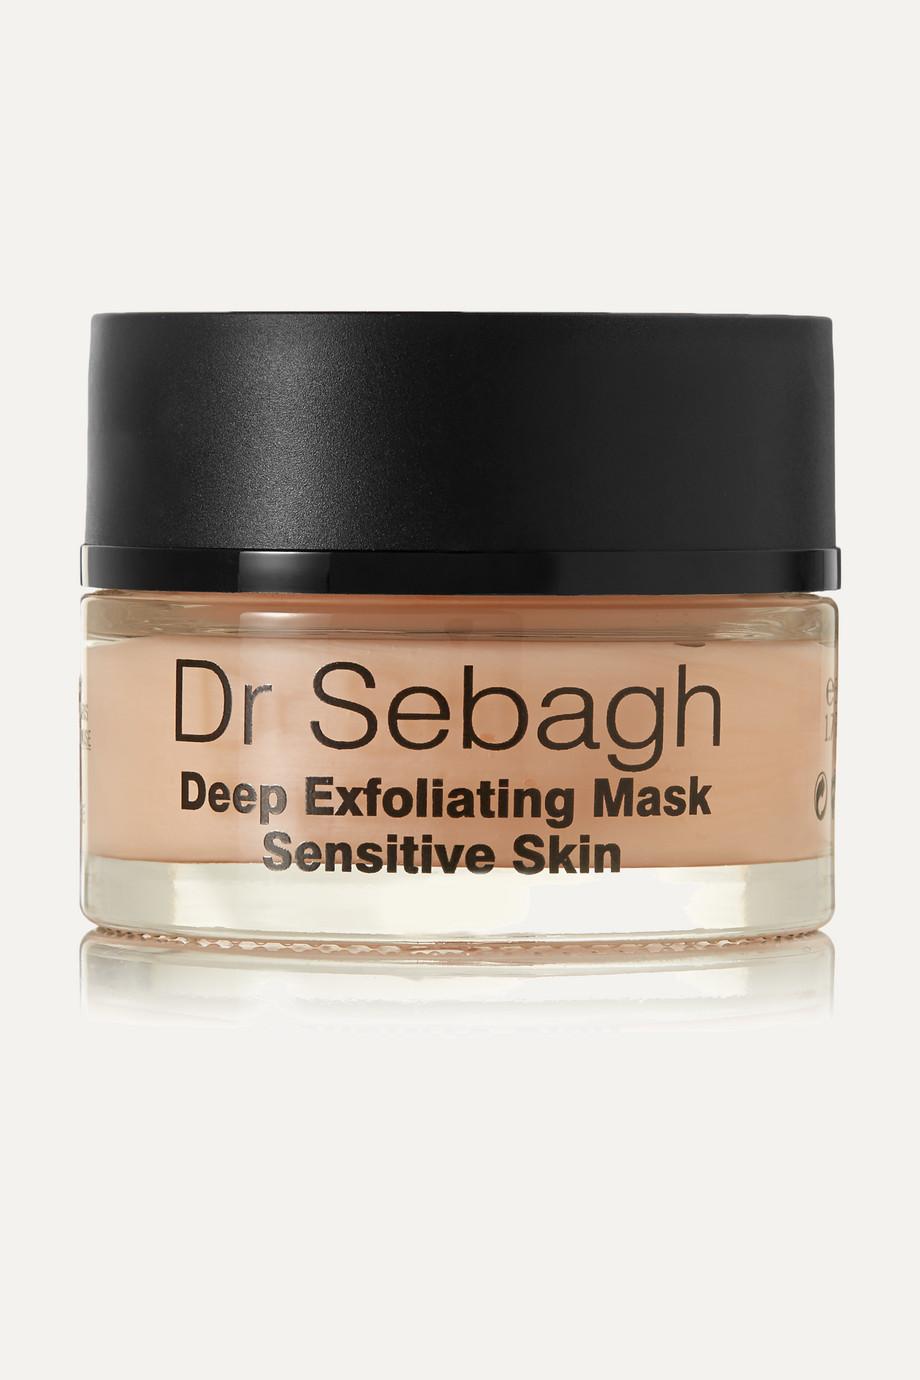 Dr Sebagh Masque exfoliant intense pour peaux sensibles, 50 ml